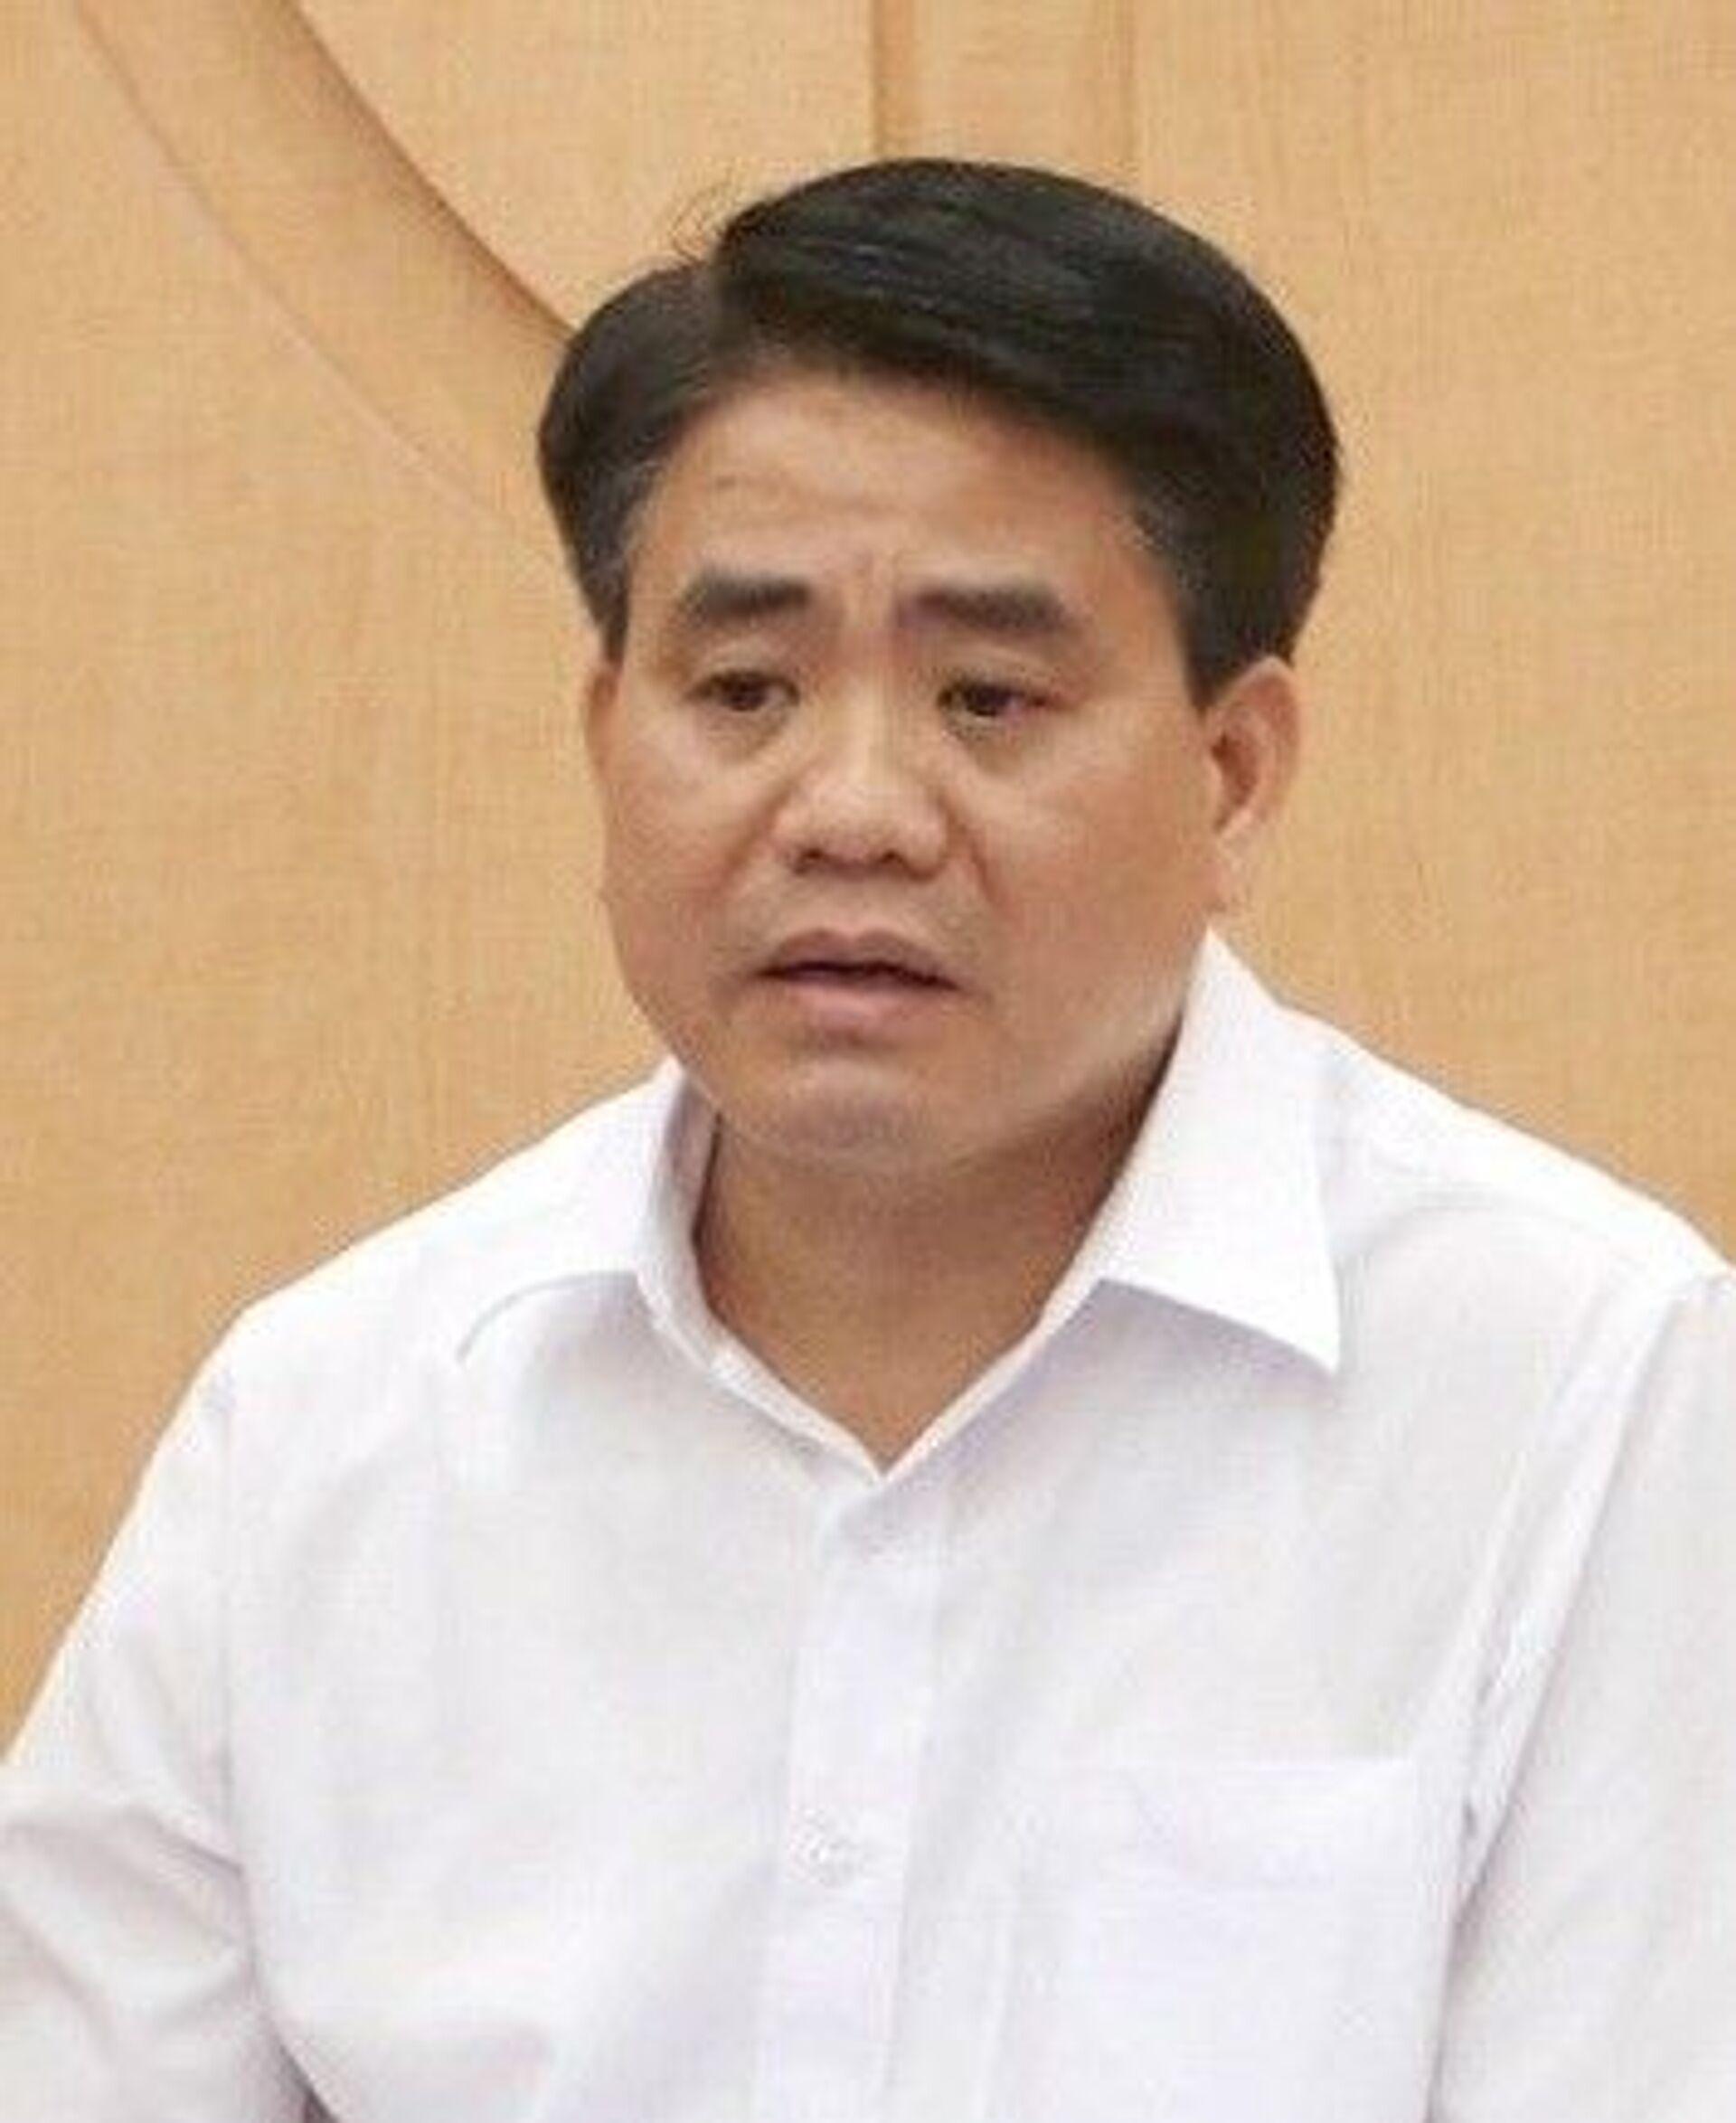 Ông Nguyễn Đức Chung. - Sputnik Việt Nam, 1920, 05.10.2021